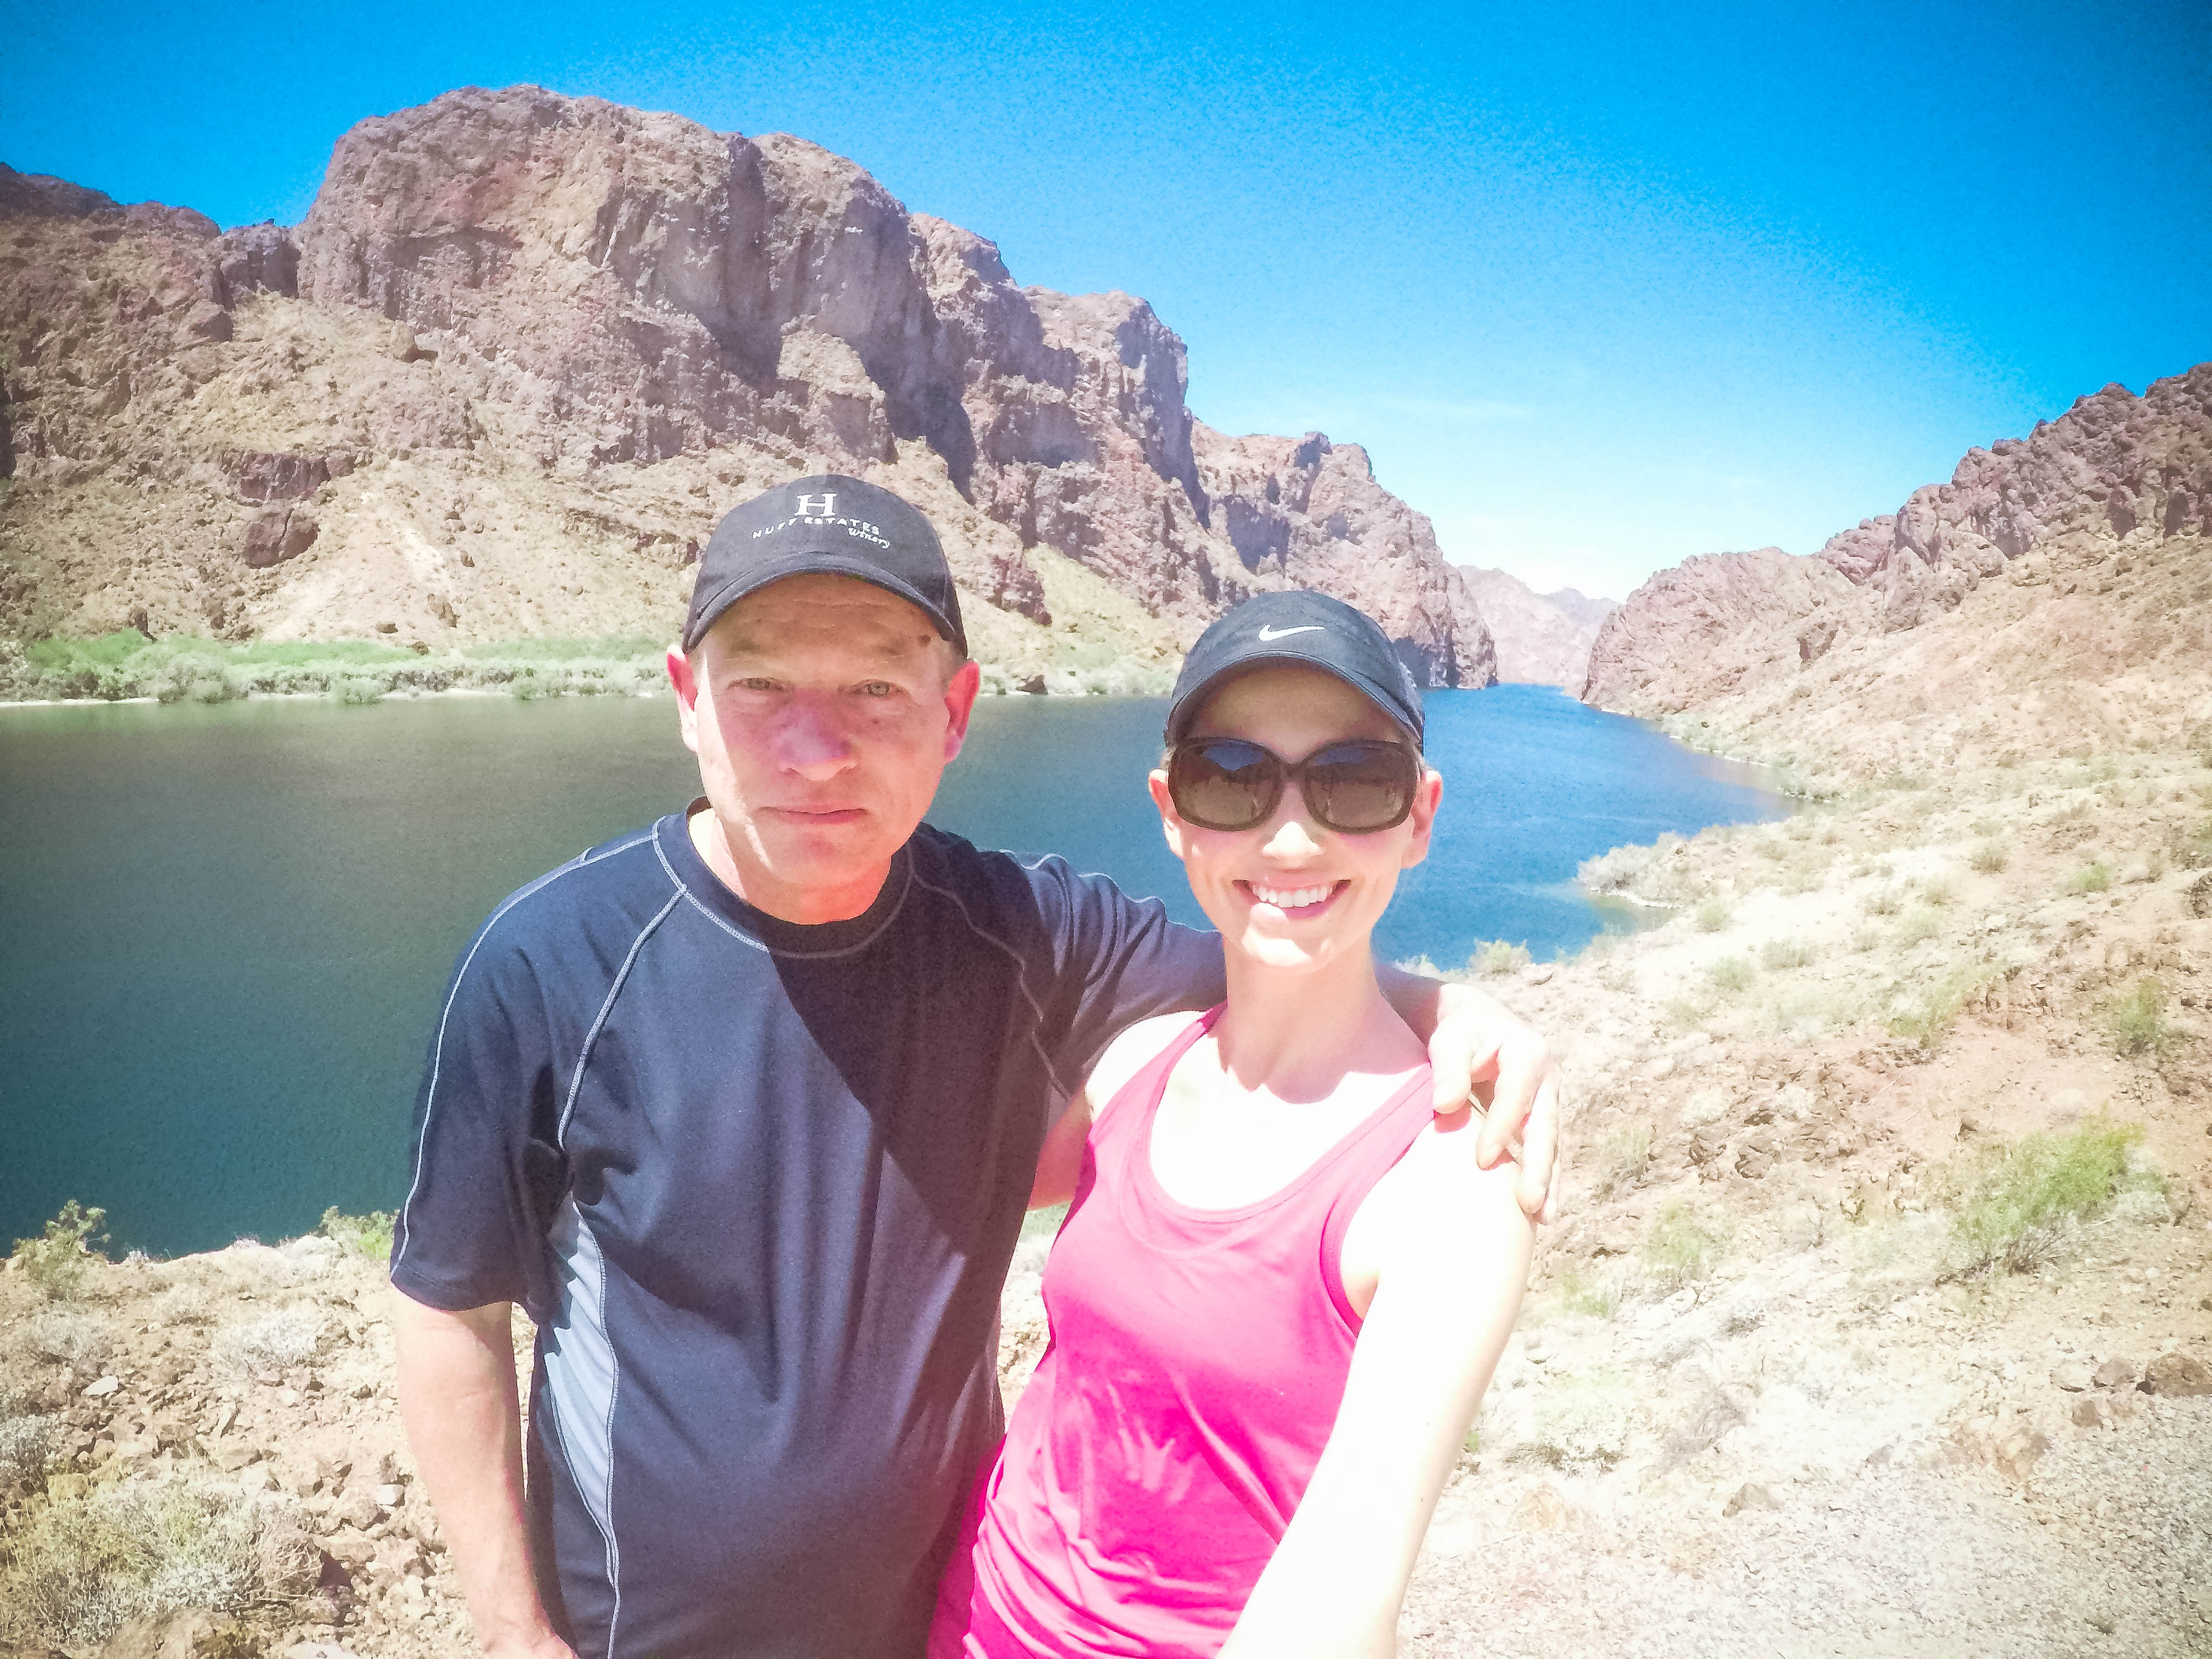 Dad and daughter kayaking in arizona